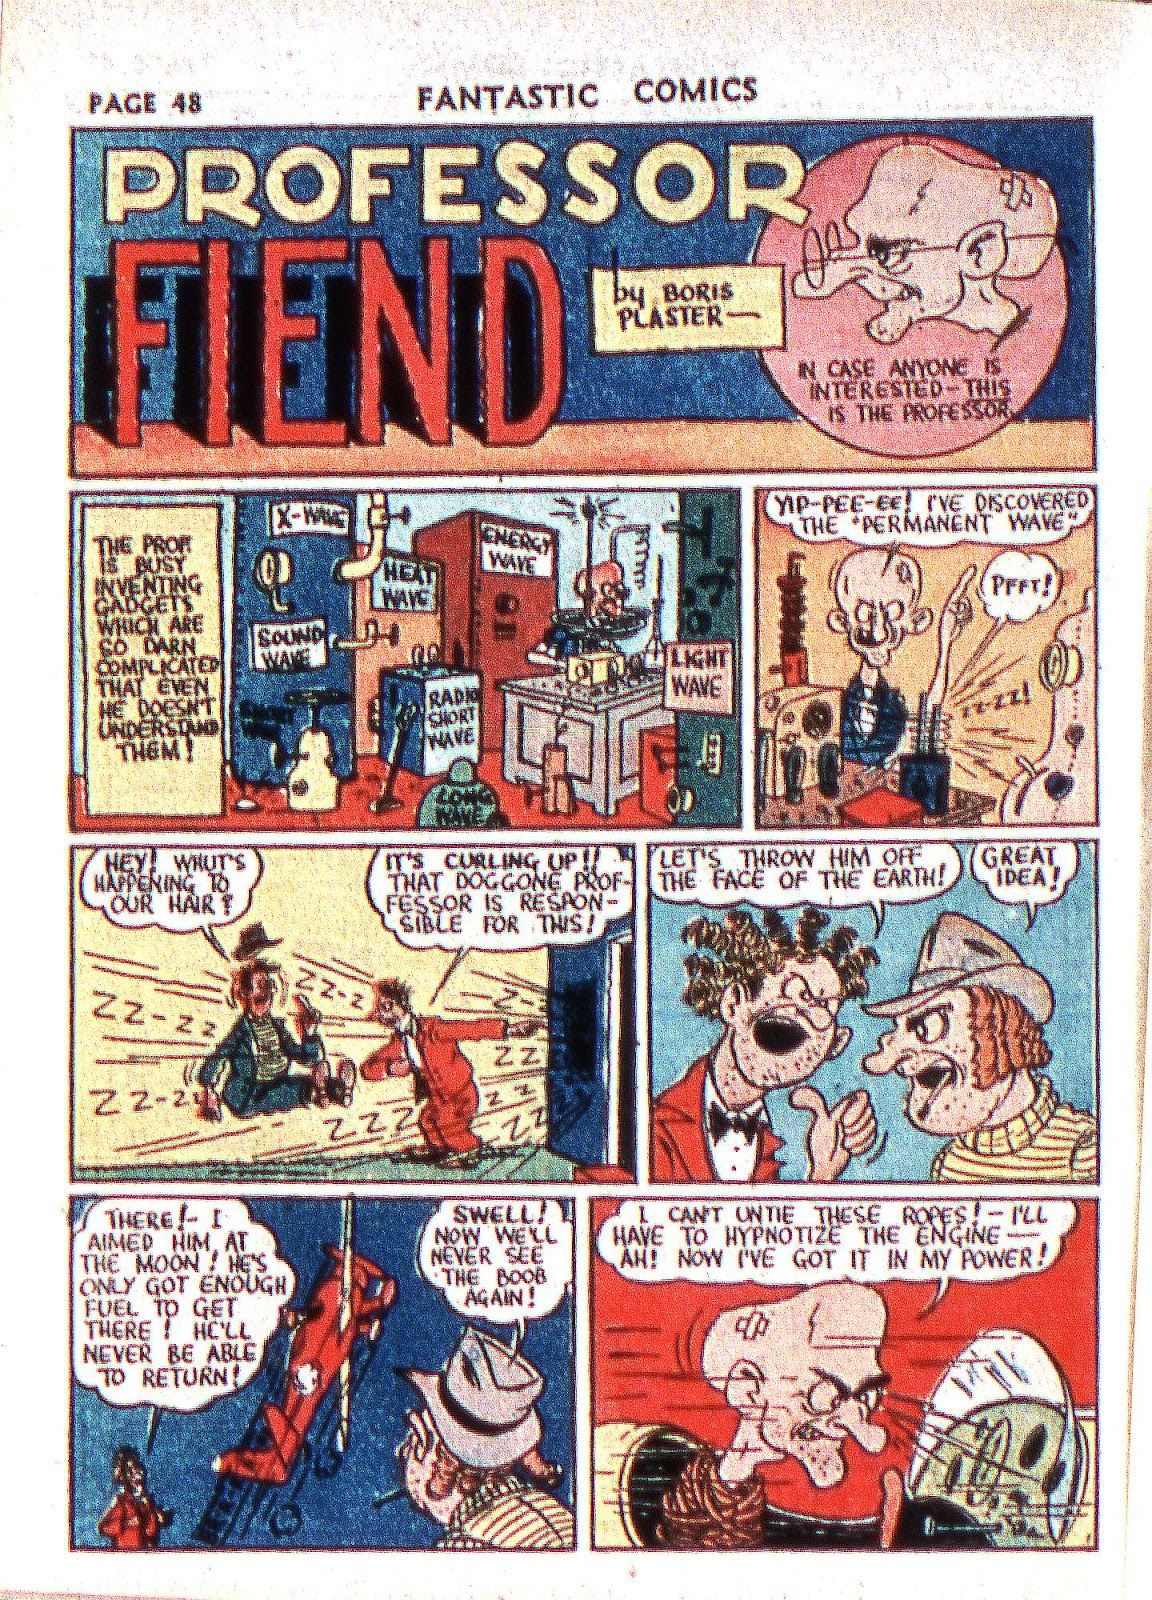 Read online Fantastic Comics comic -  Issue #2 - 49